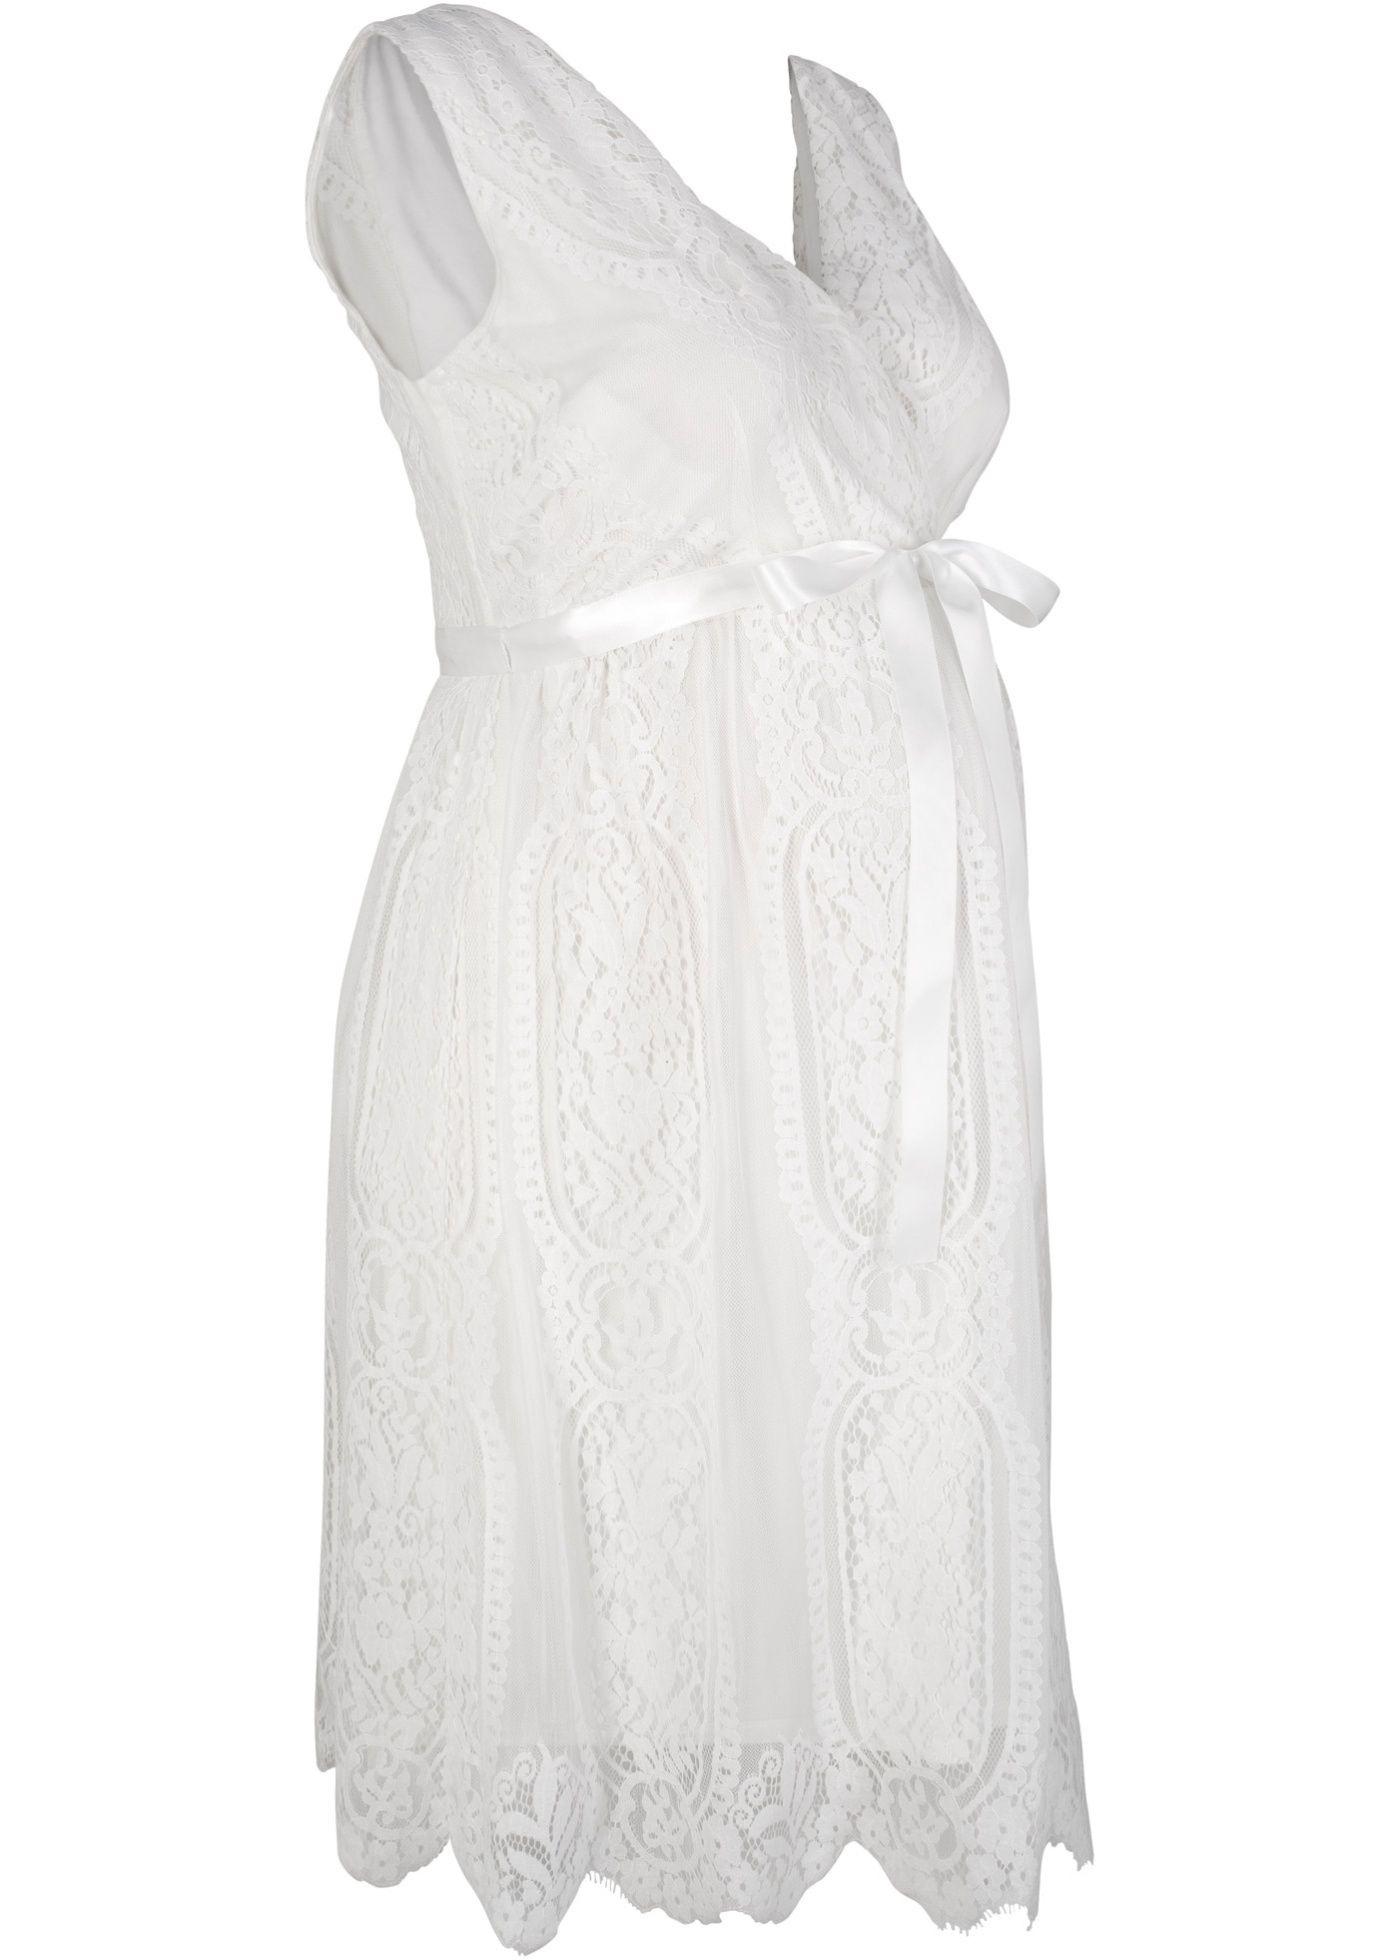 Umstands-Hochzeitskleid In 2020 | Hochzeitskleid, Kleider